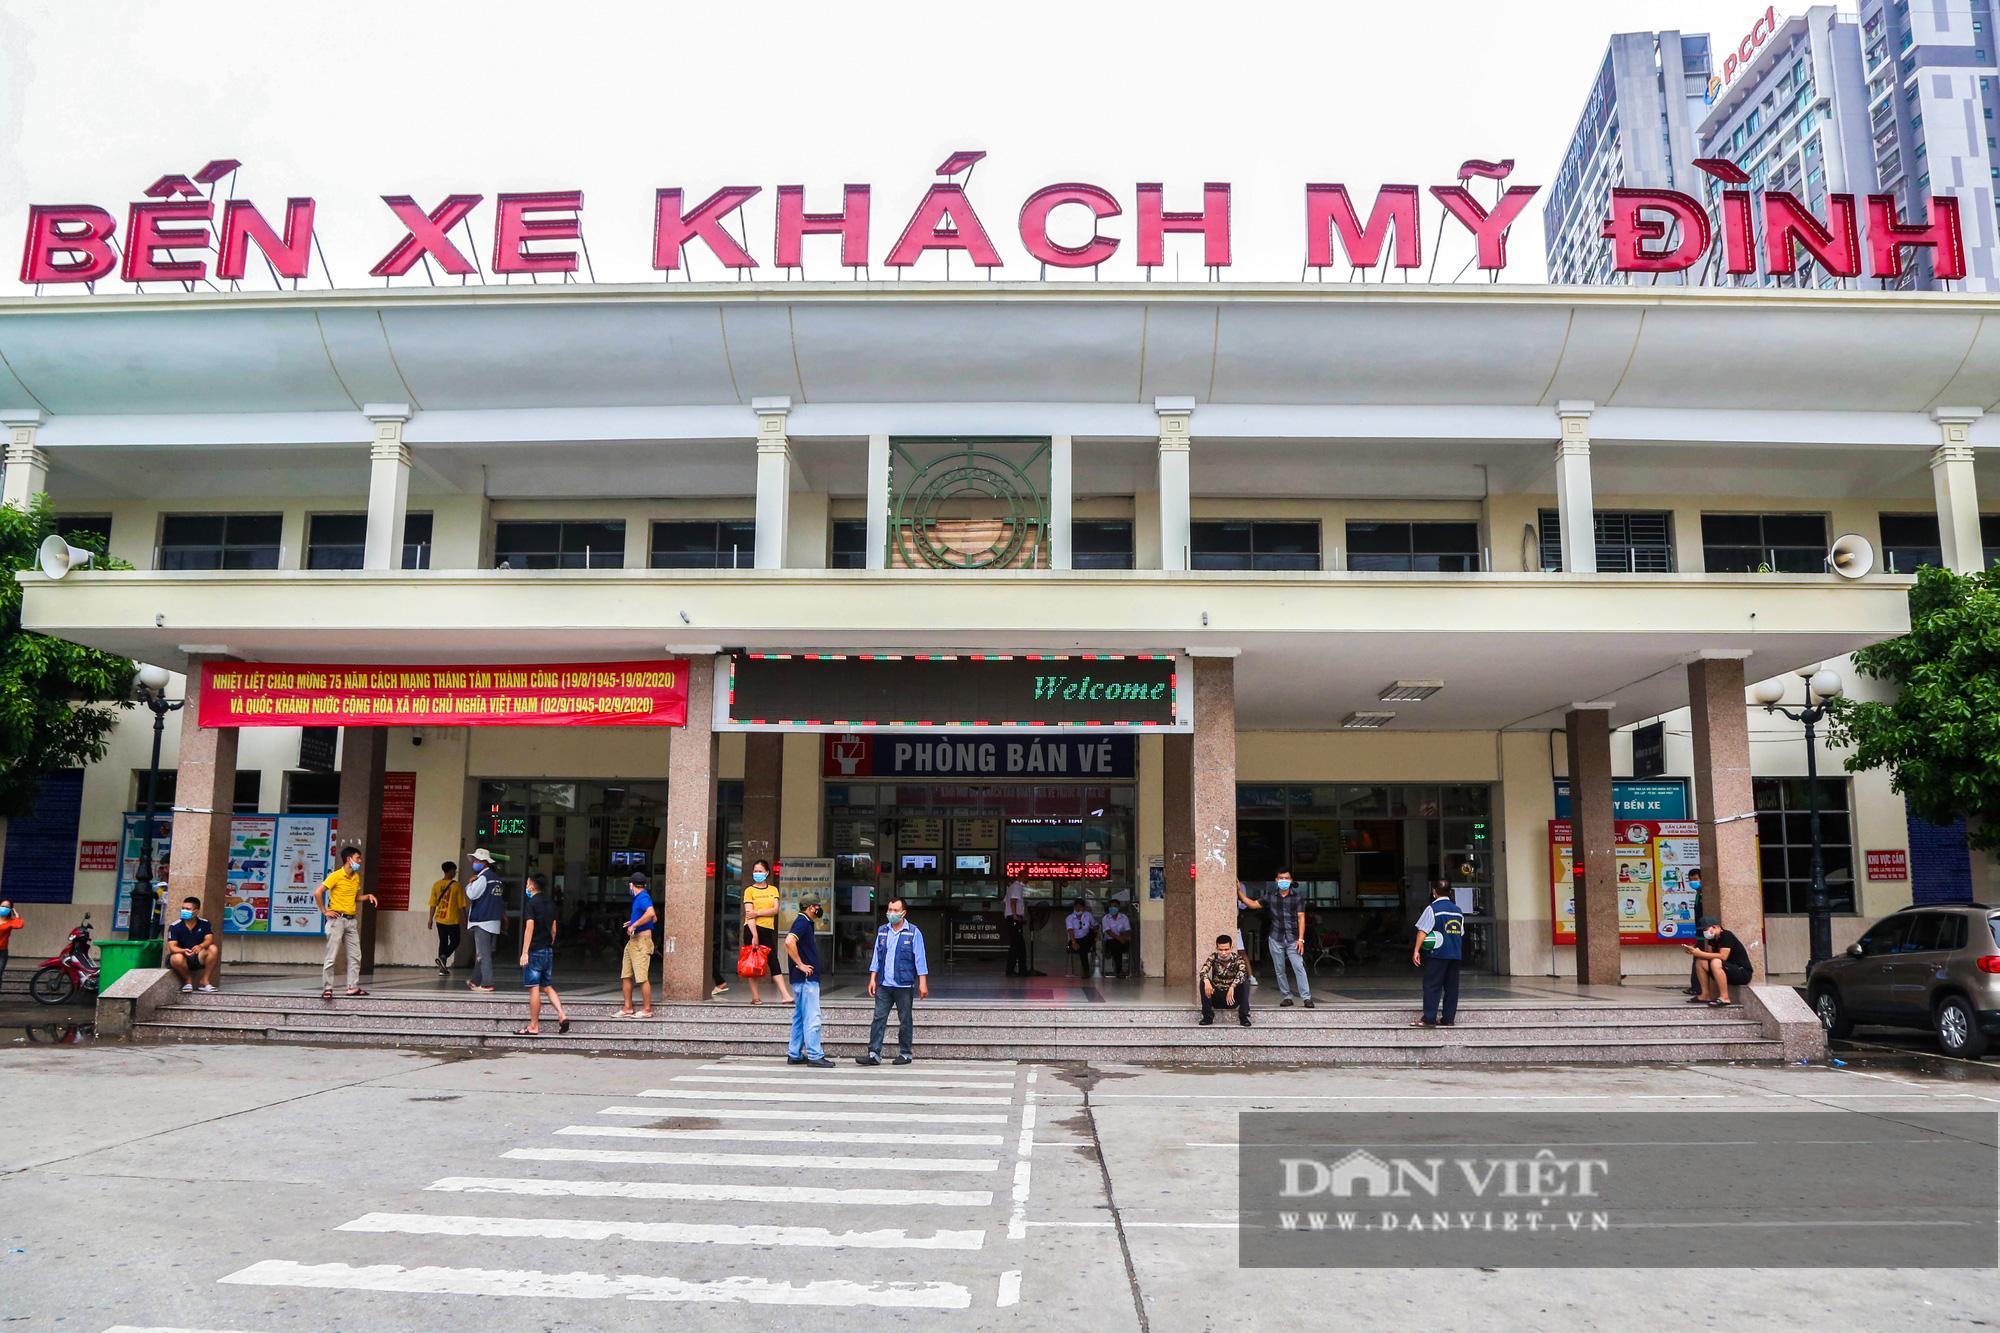 Các bến xe tại Hà Nội dùng biện pháp gì để phòng chống dịch Covid-19   - Ảnh 2.